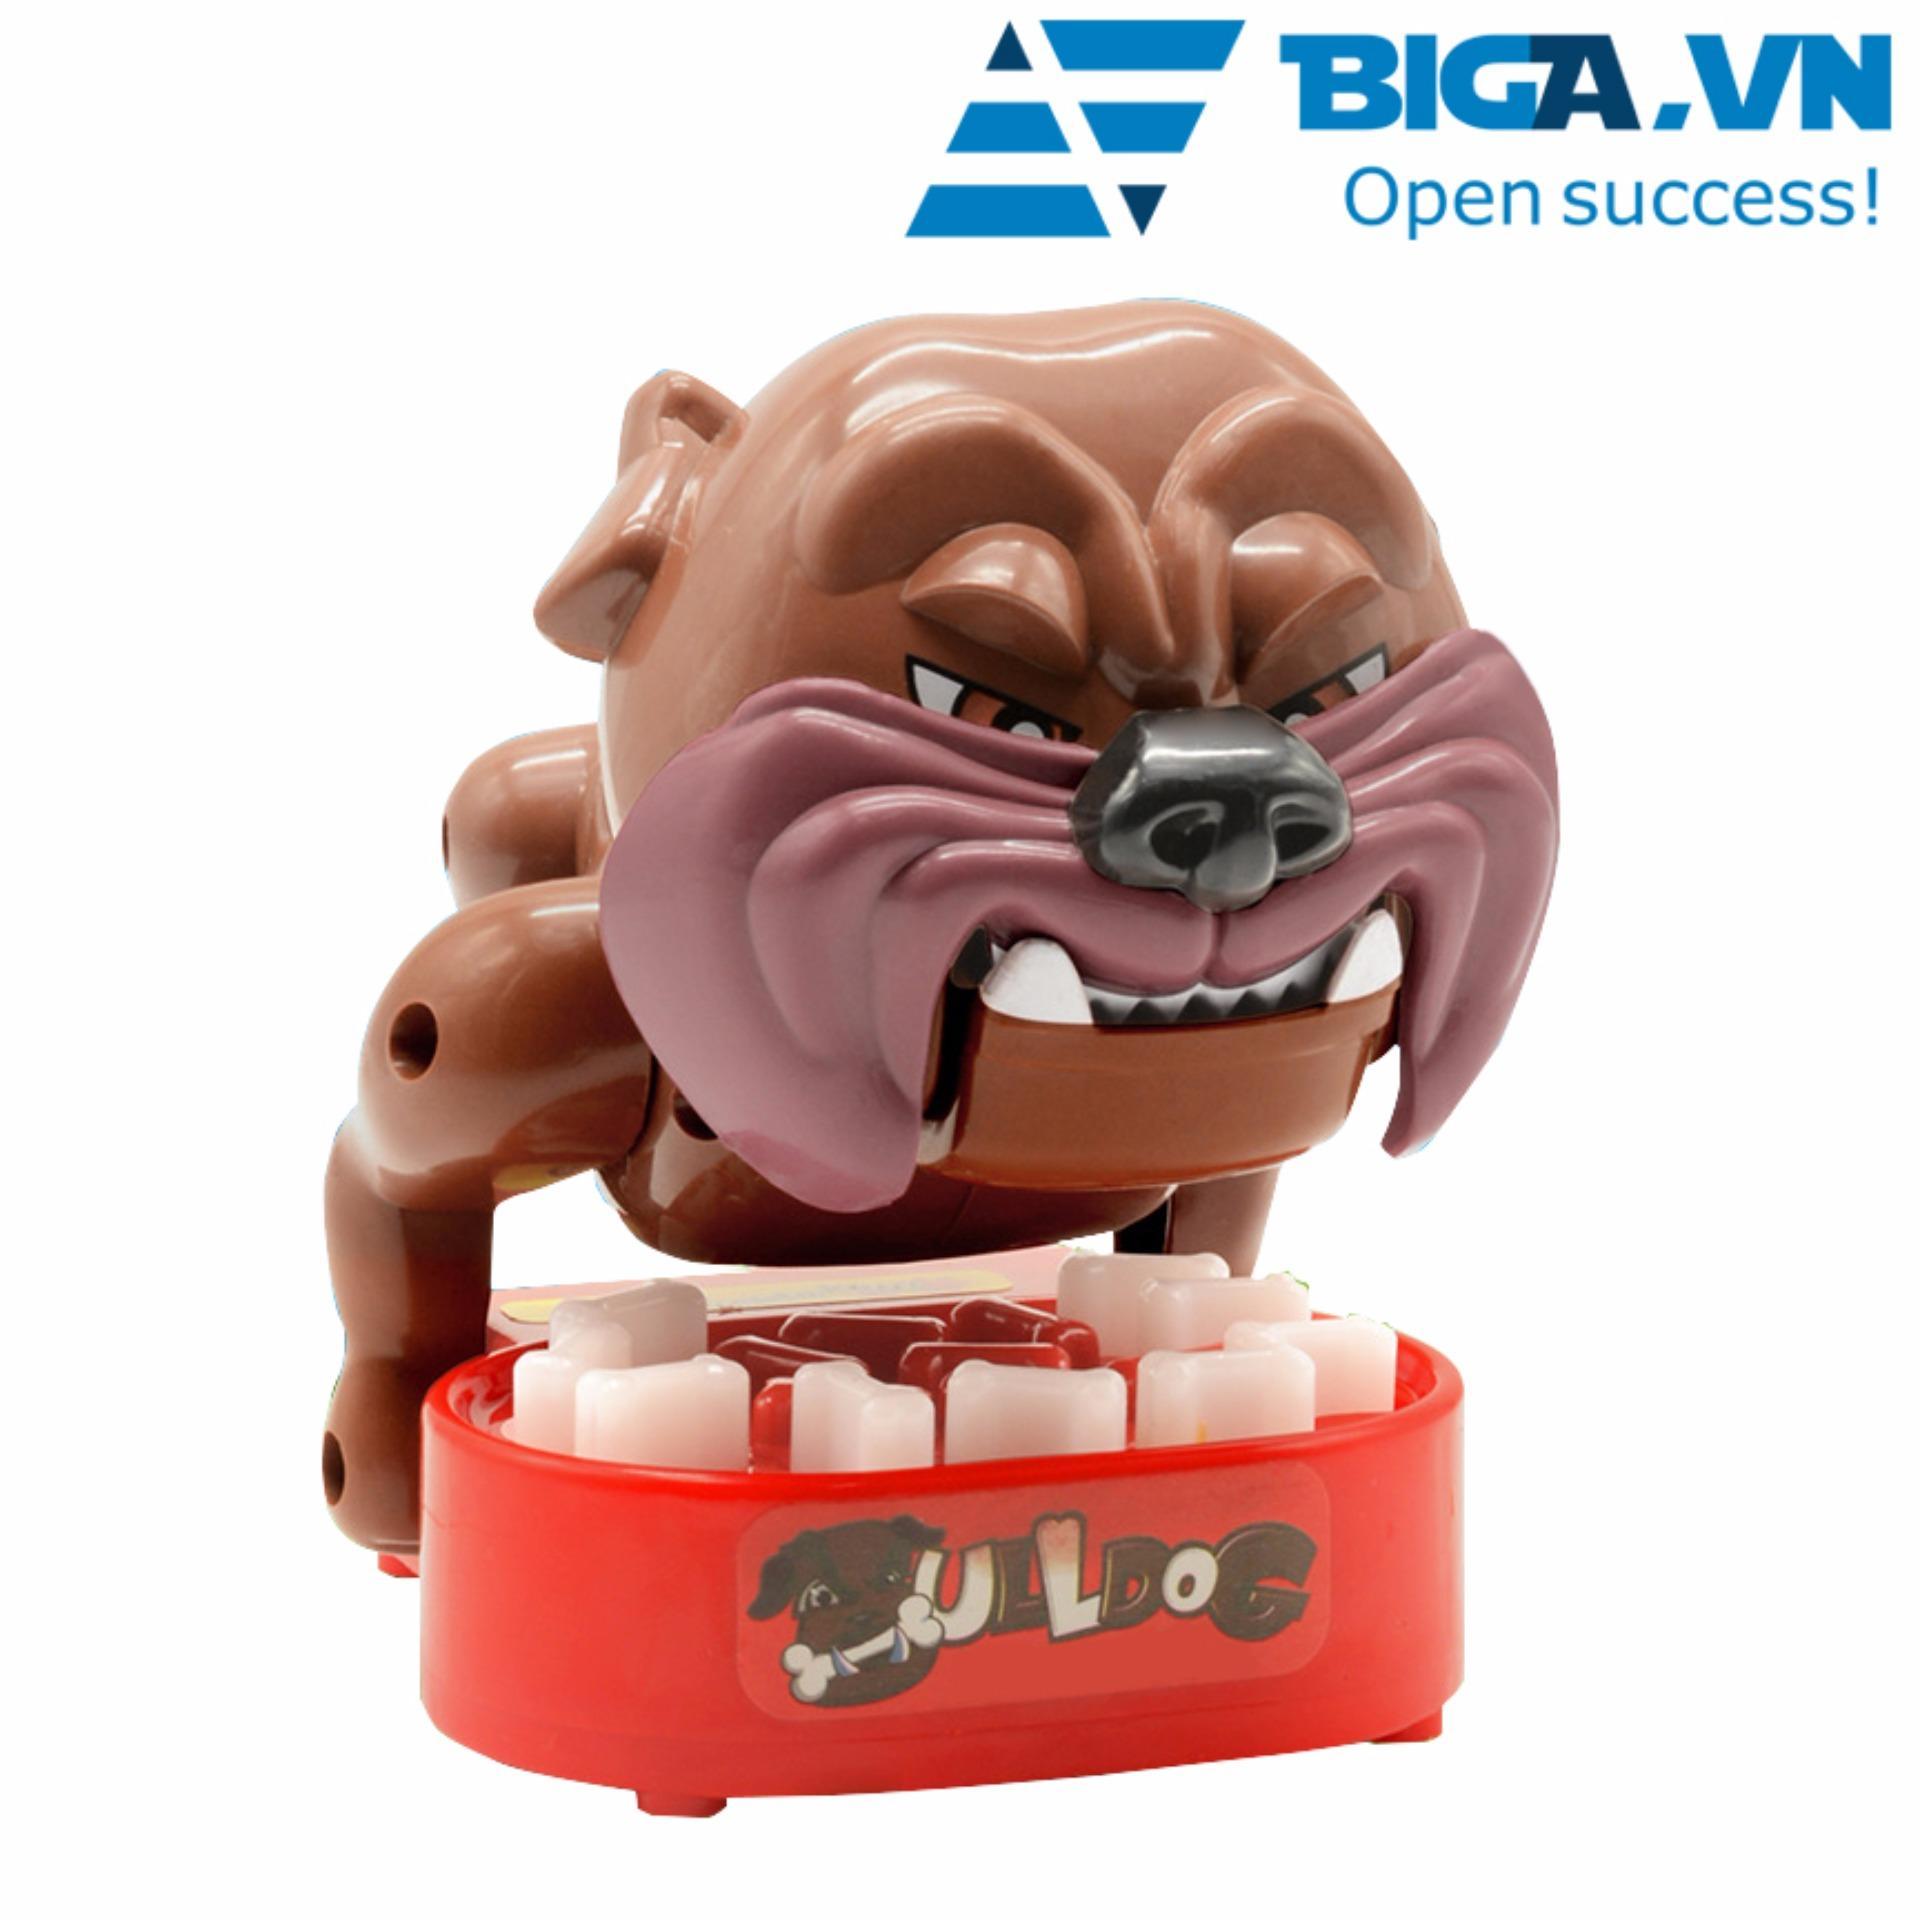 Hình ảnh Chú Chó Tức Giận - Trò Chơi Nhóm - Dream Toy US04300